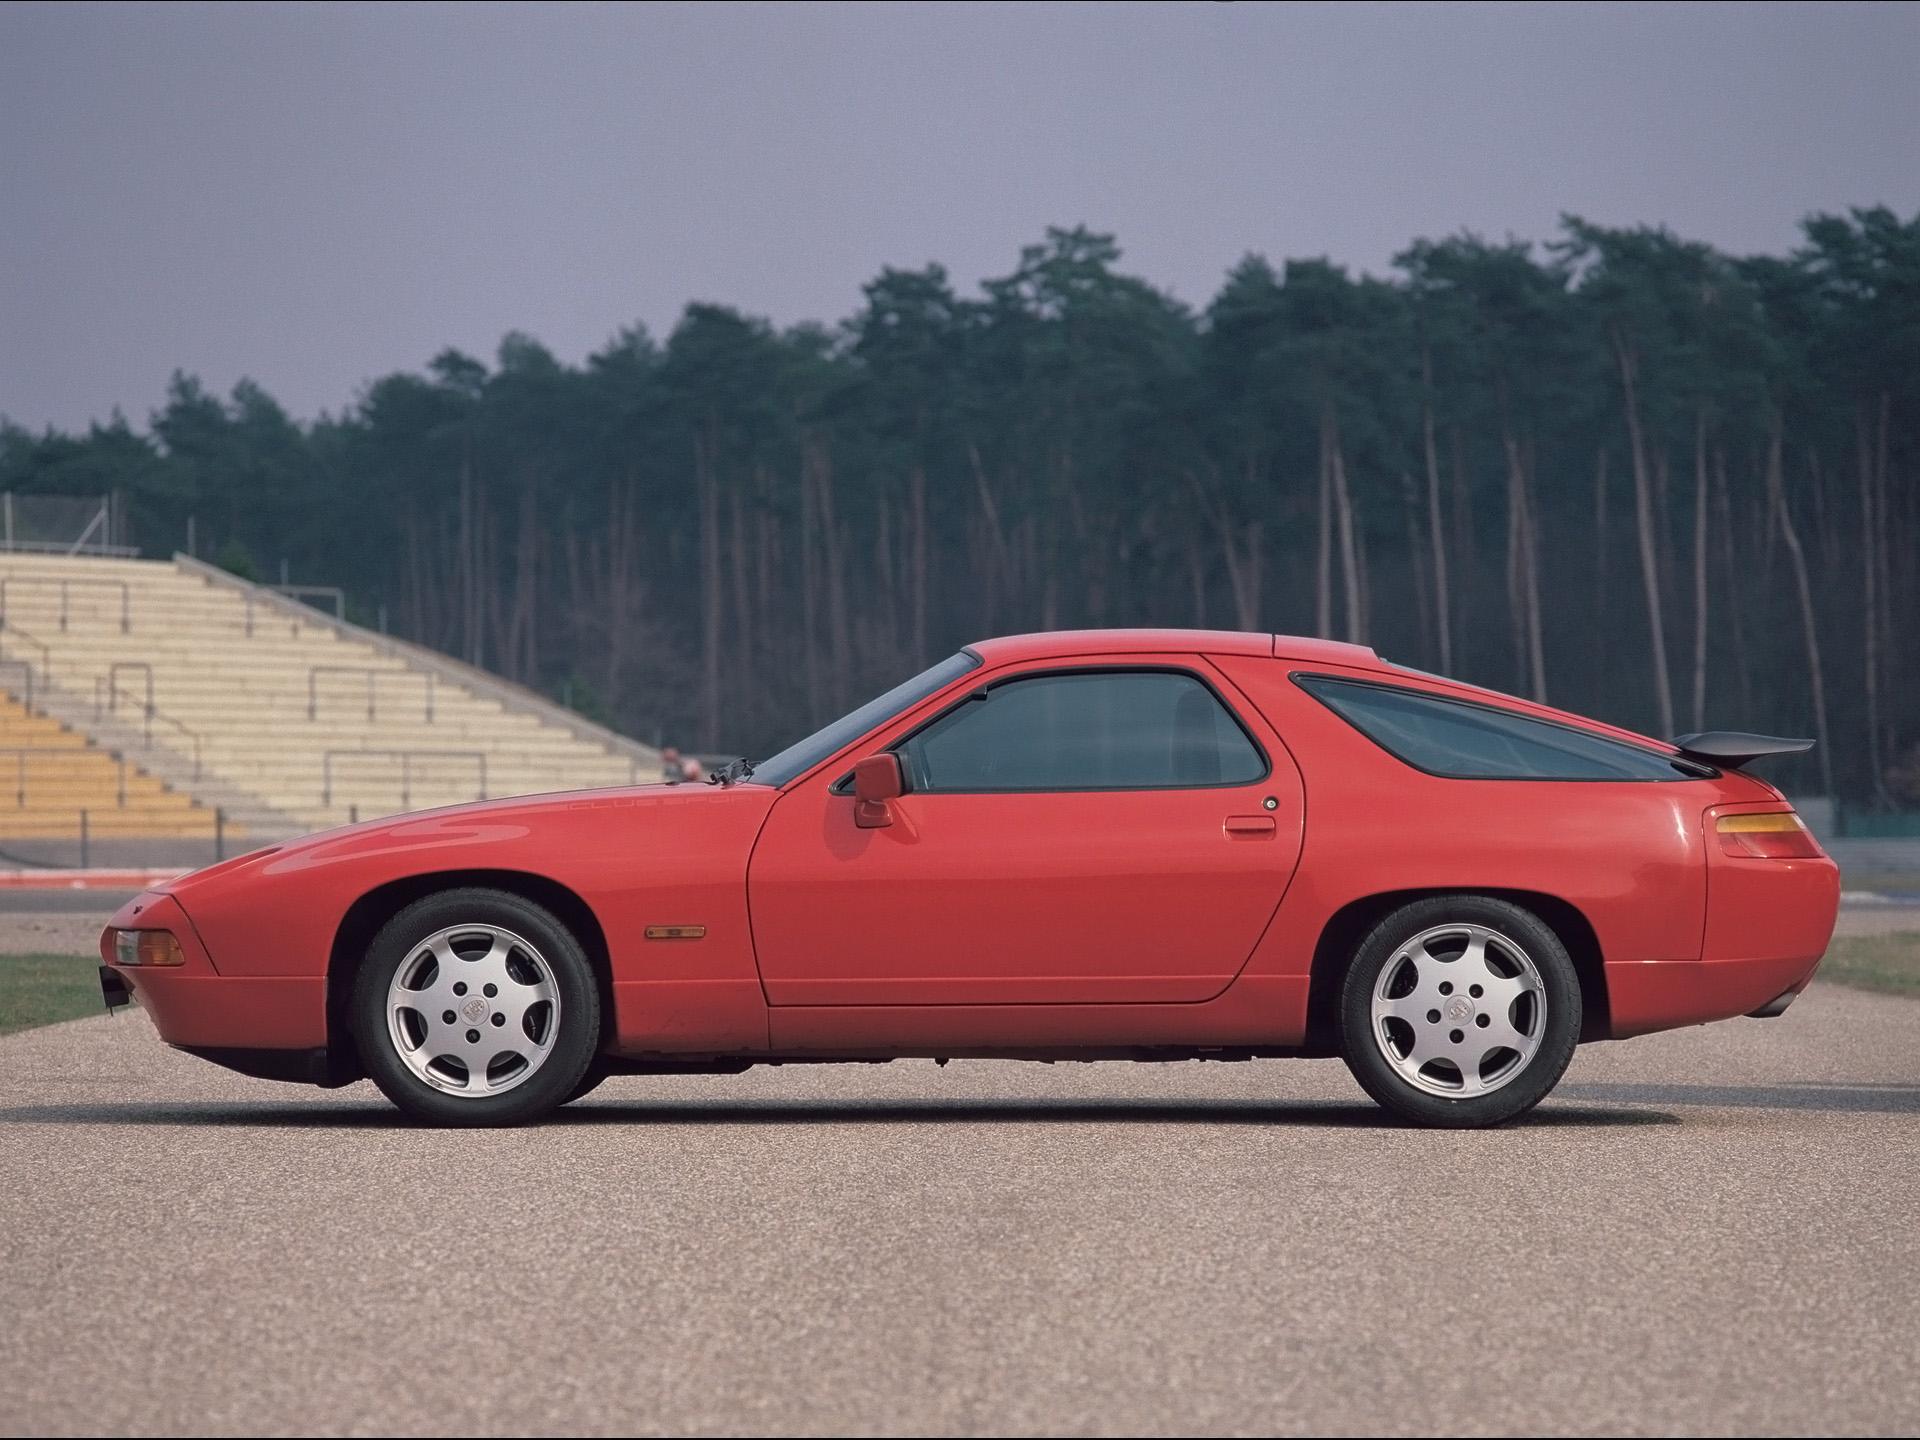 Theos Evolution 928 1982 Porsche Alternator Wiring 1987 928s4 1920x1440 1988 Cs